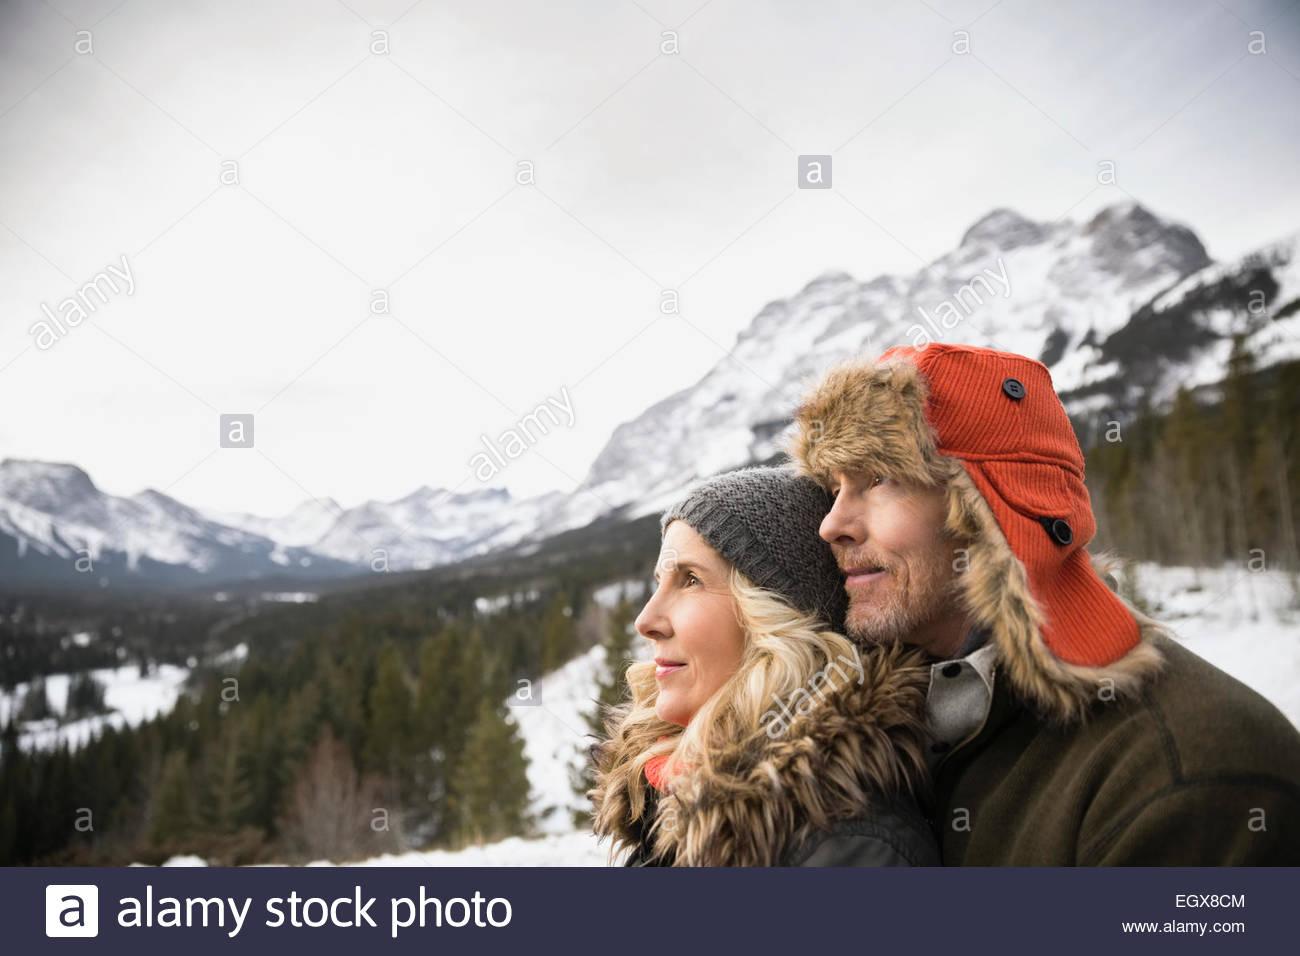 Pareja seria mirar lejos debajo de montañas nevadas Imagen De Stock